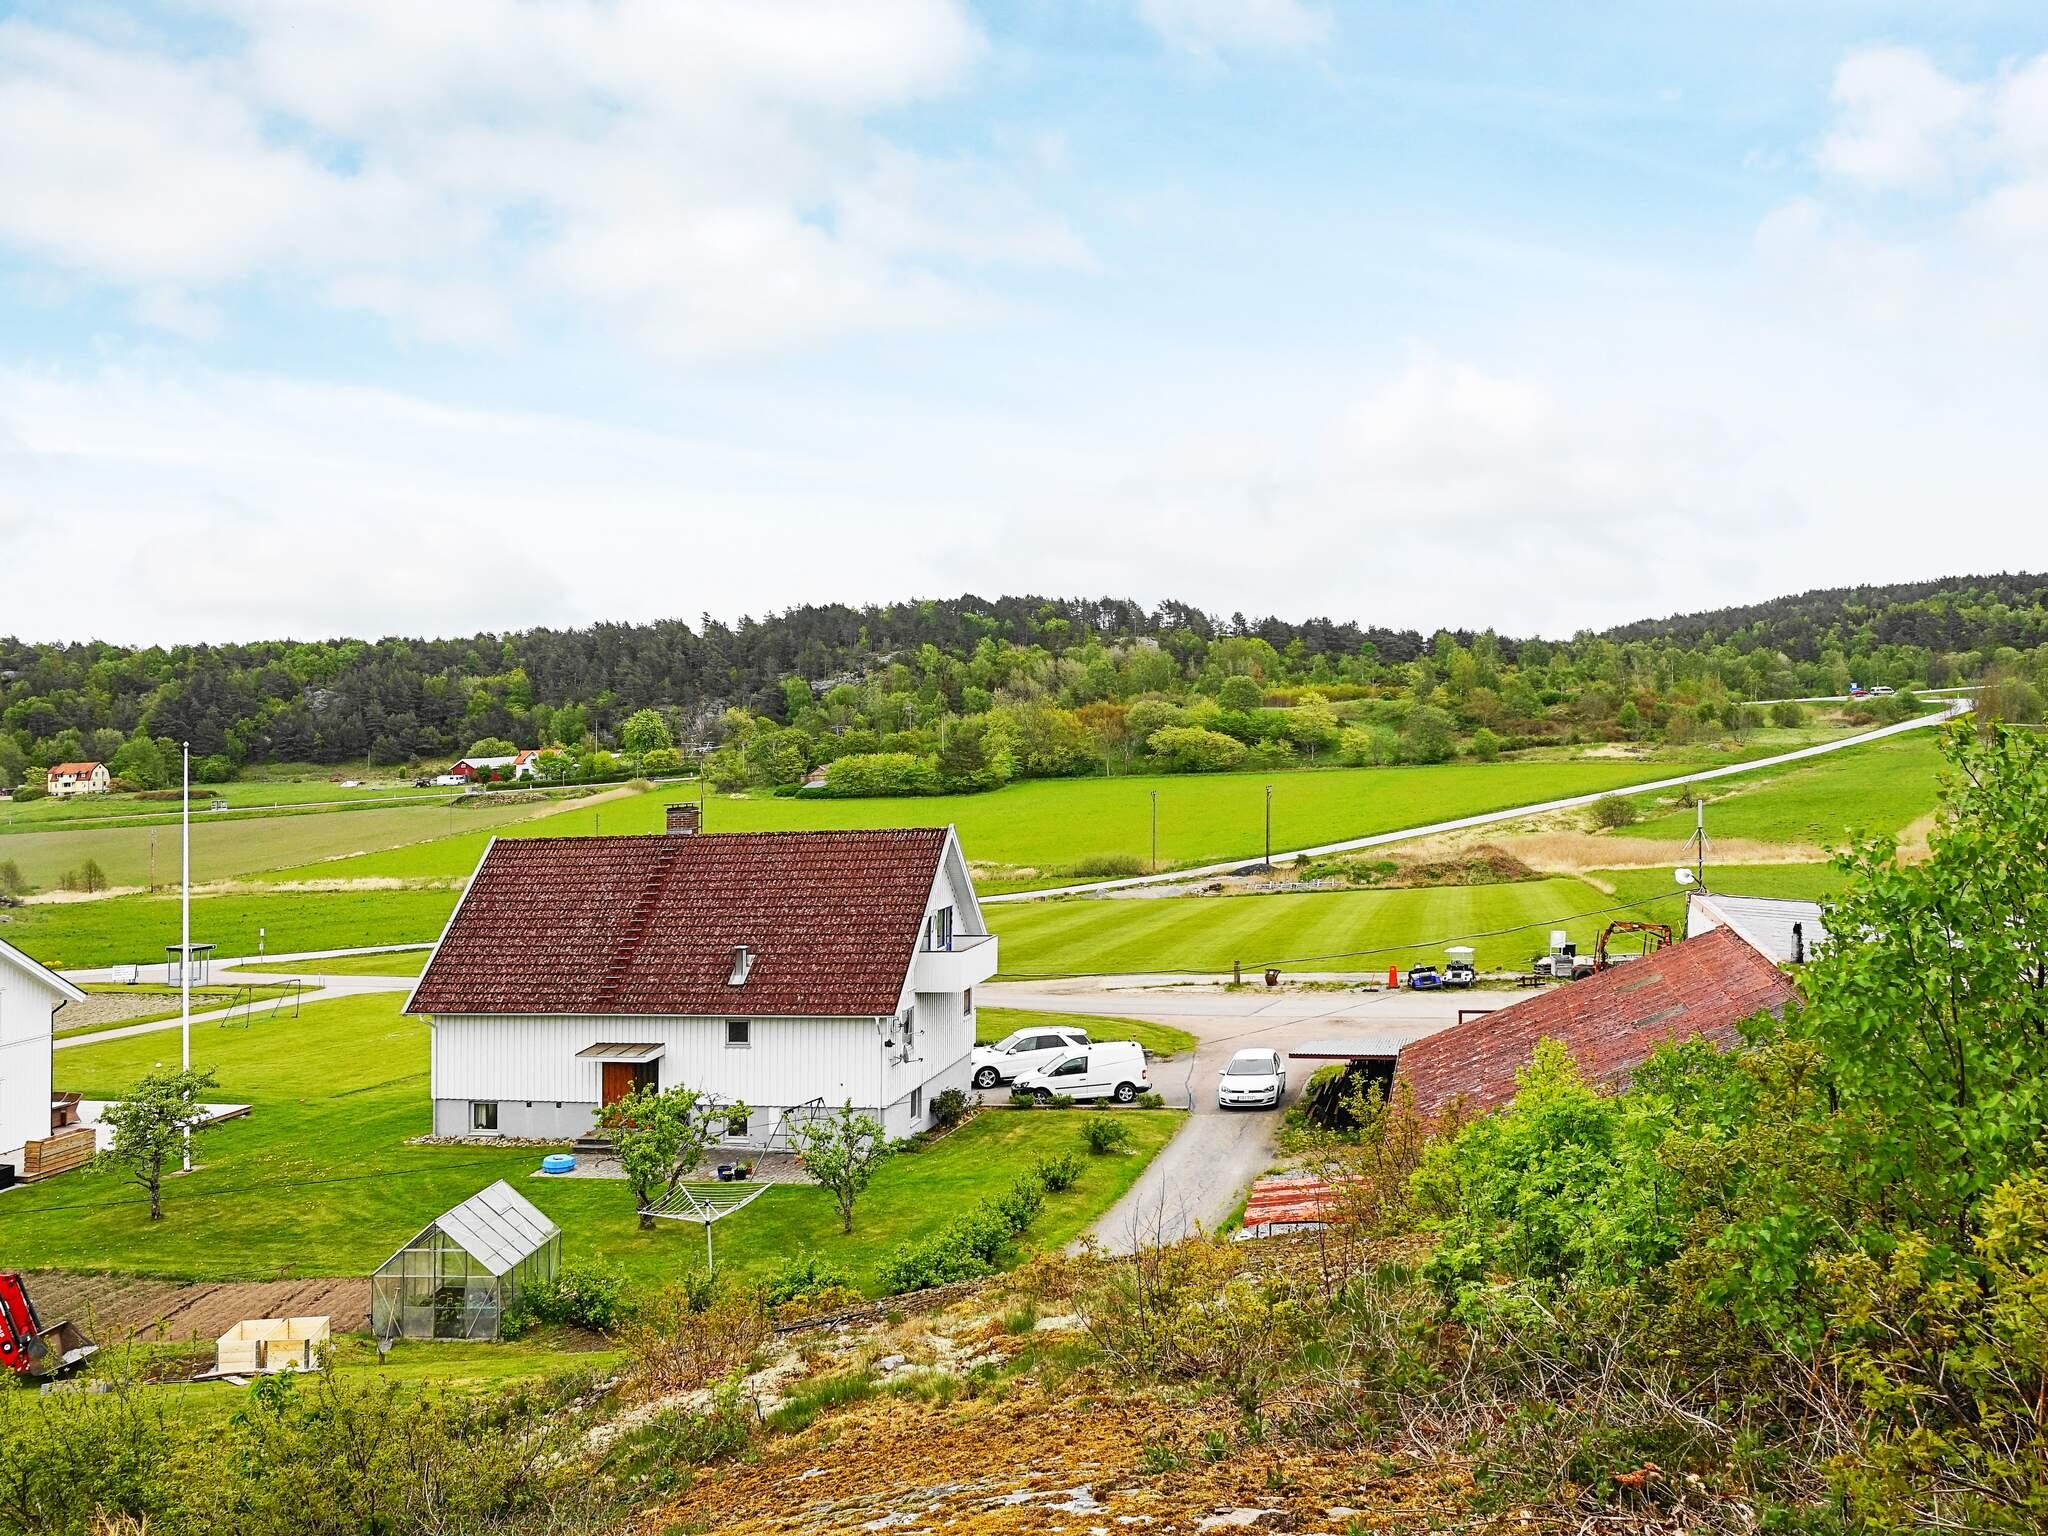 Ferienhaus Tjörn/Kållekärr (2619122), Kållekärr, Tjörn, Westschweden, Schweden, Bild 15